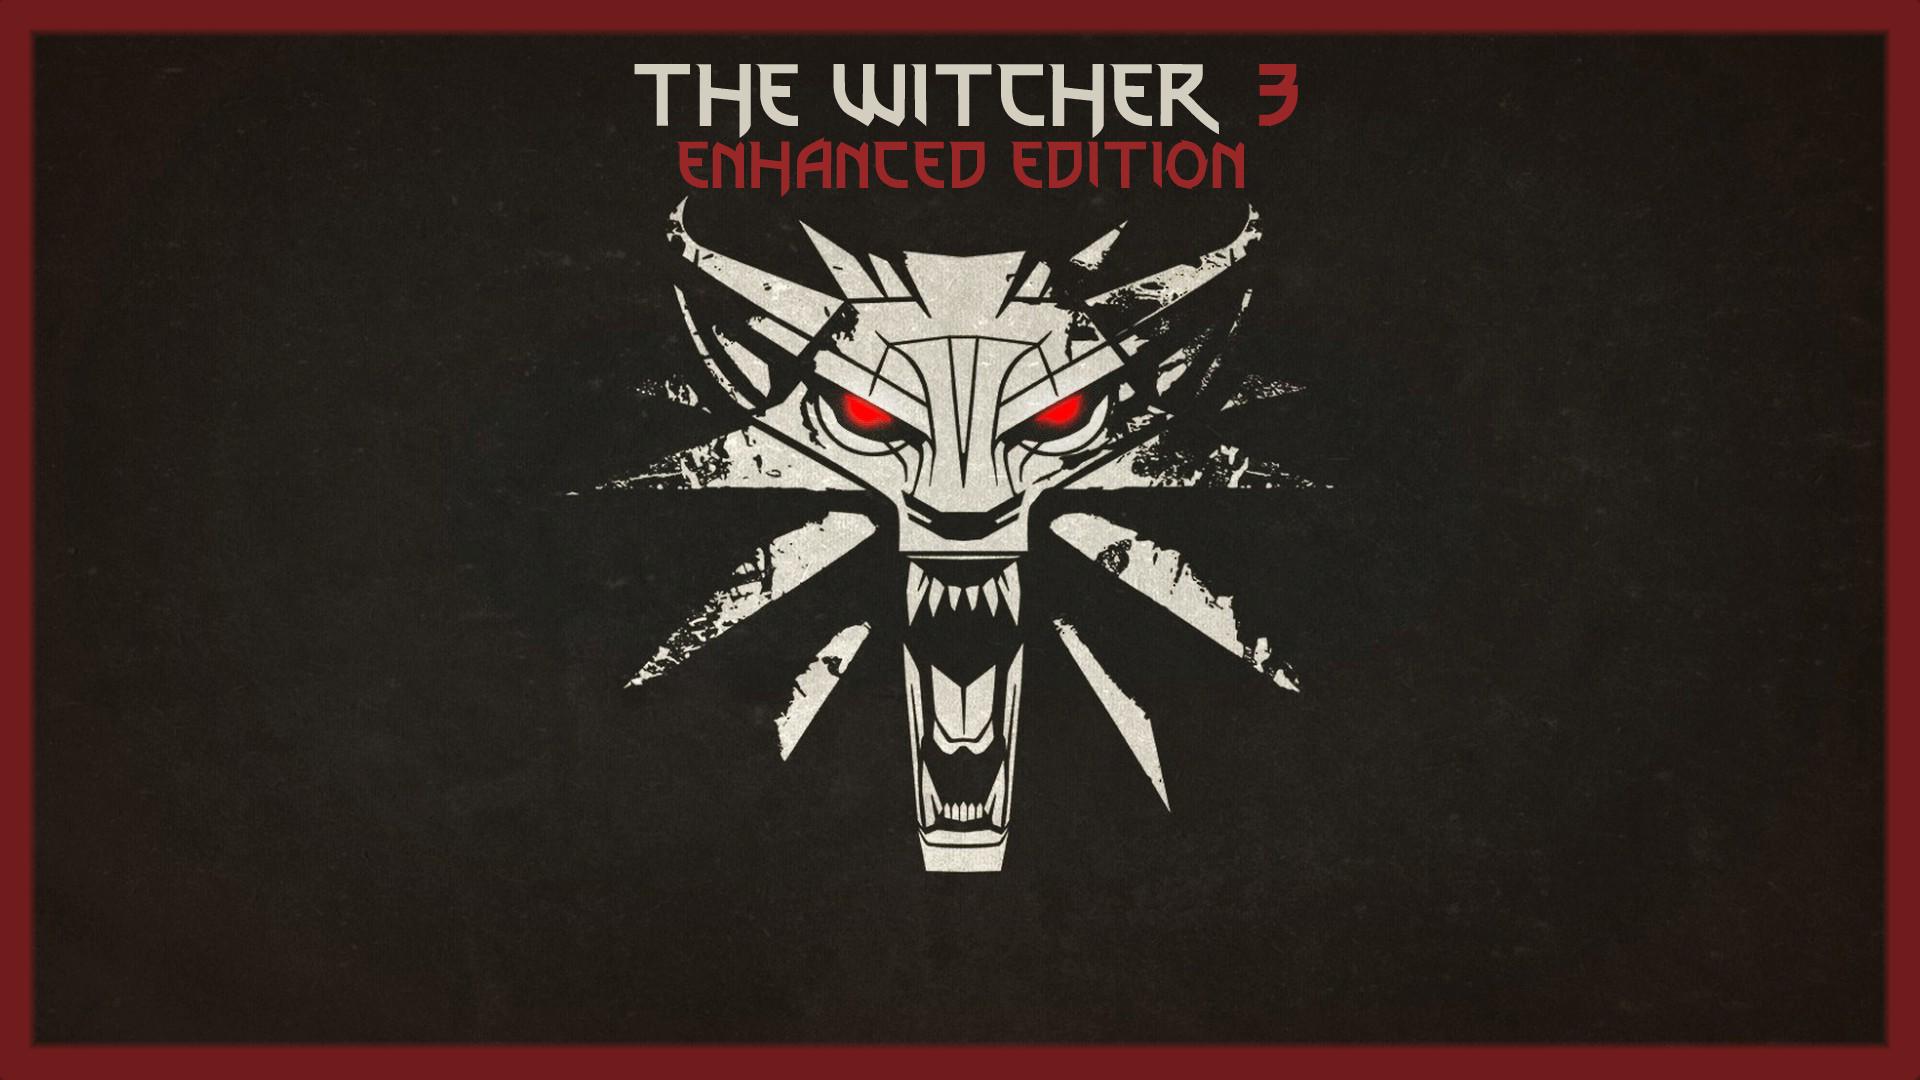 Для Witcher 3 вышла новая версия Enhanced Edition V4.90, добавлены опции боевой стойки, исправлены различные проблемы